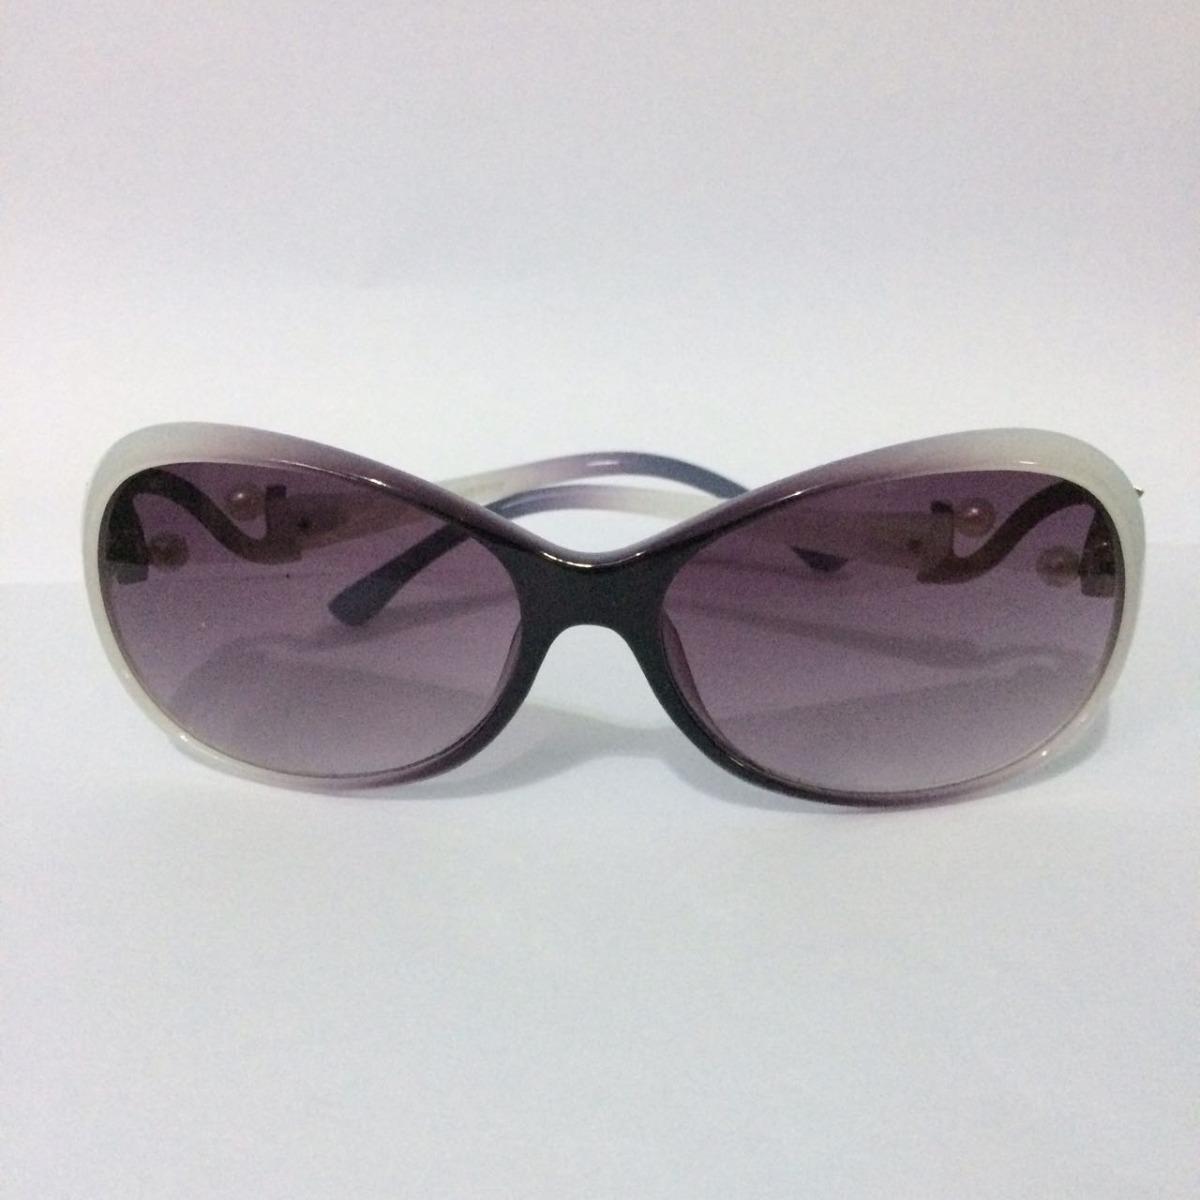 0d8bba366 óculos de sol feminino com armação branca e roxa proteção uv. Carregando  zoom.